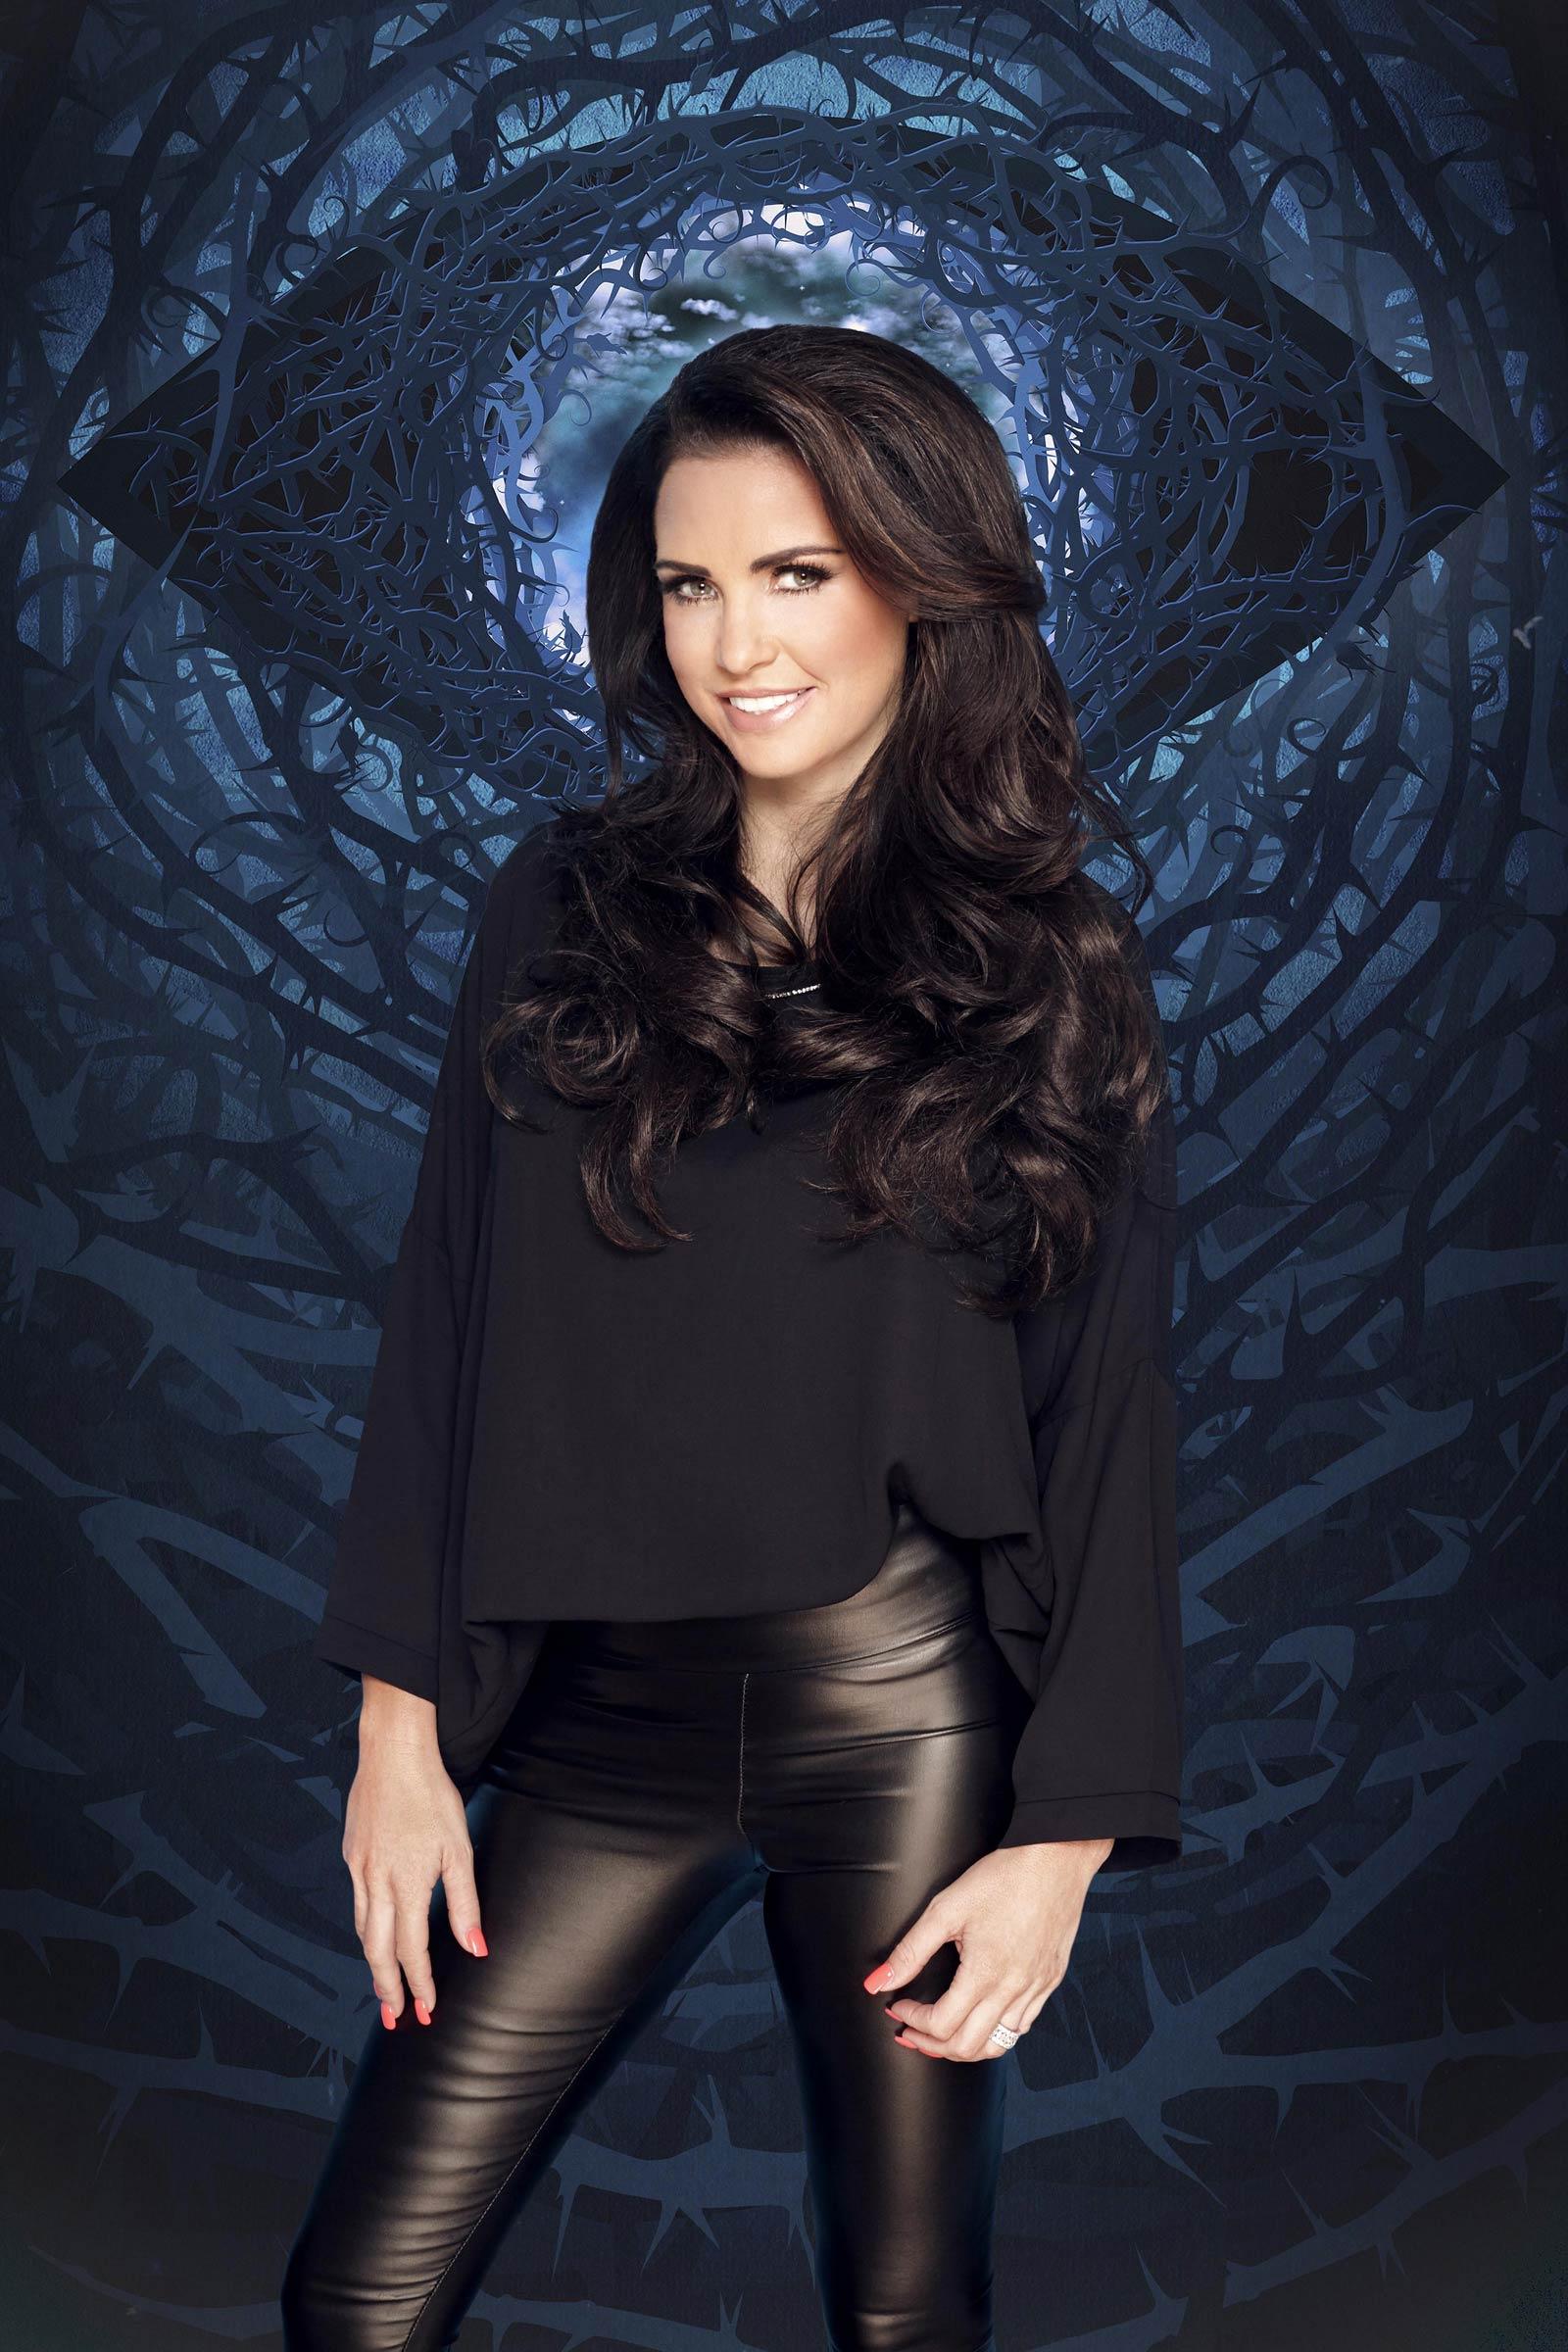 Katie Price Big Brother promos